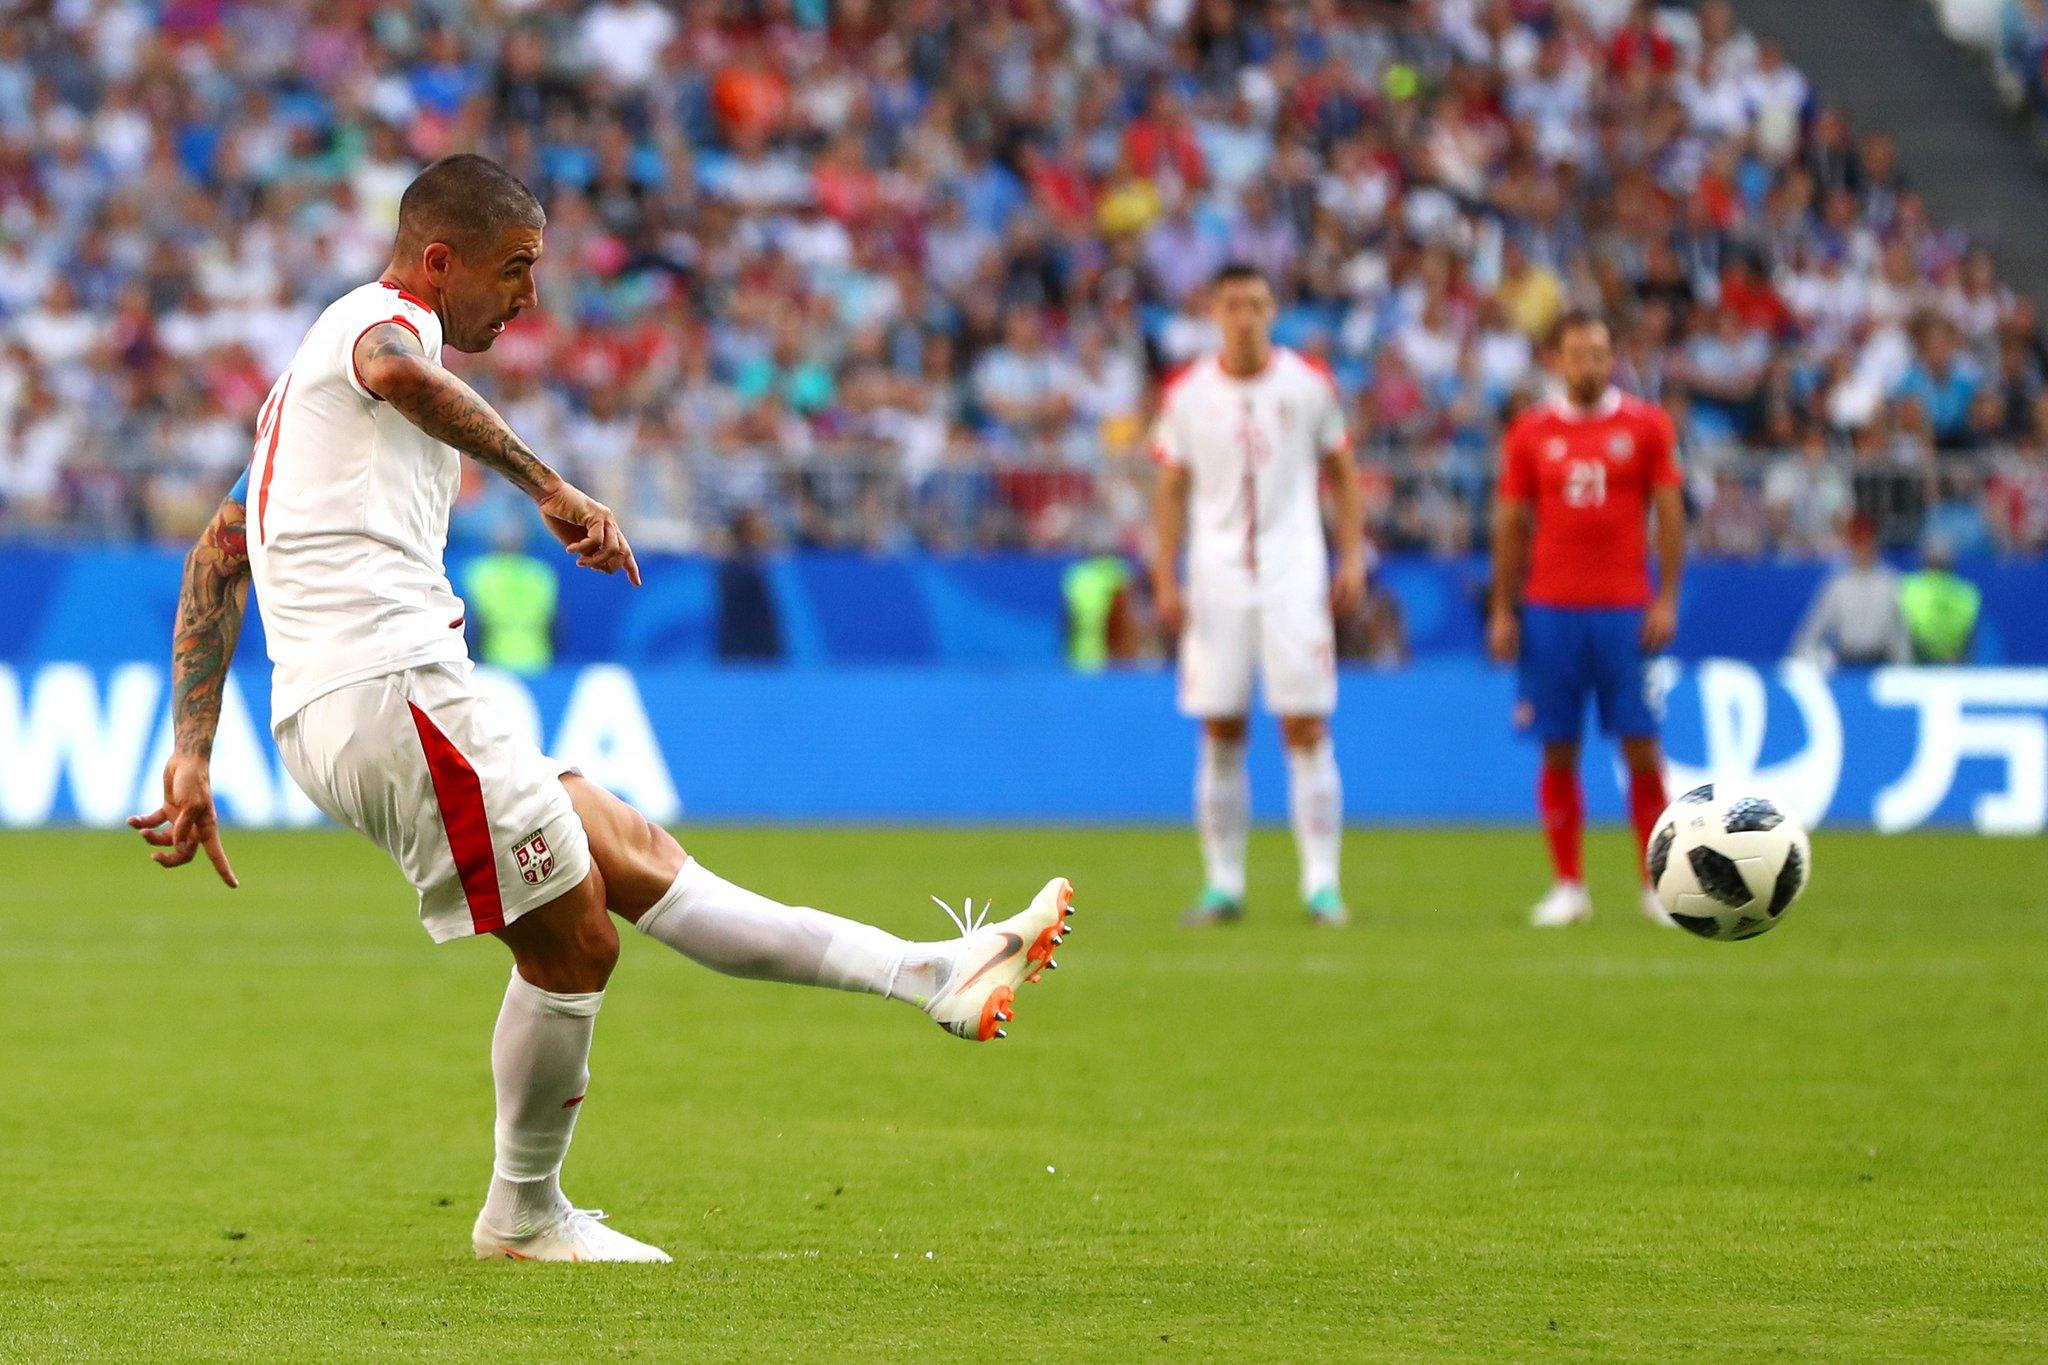 Сербия — Швейцария: кто проследует за Бразилией?